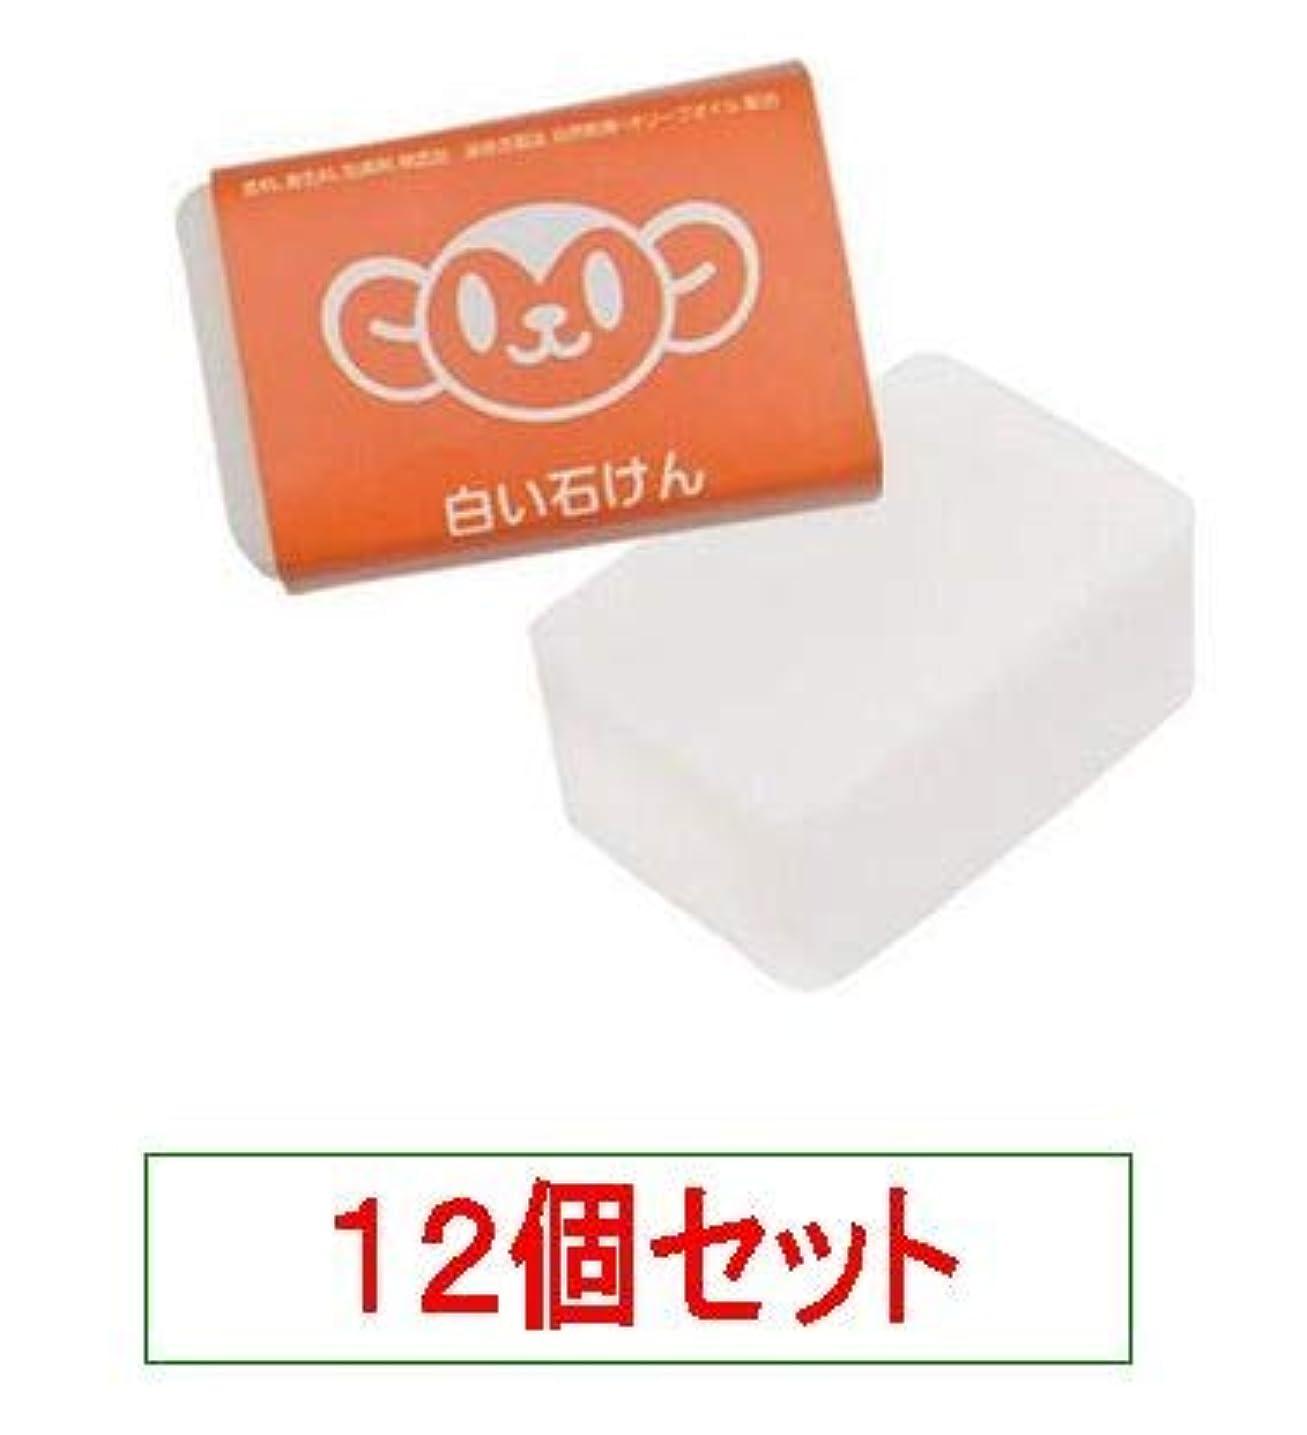 印刷する好ましい作りハイム むーくんシリーズ 白い石けん 120g<無添加の洗顔、入浴用>X12個セット